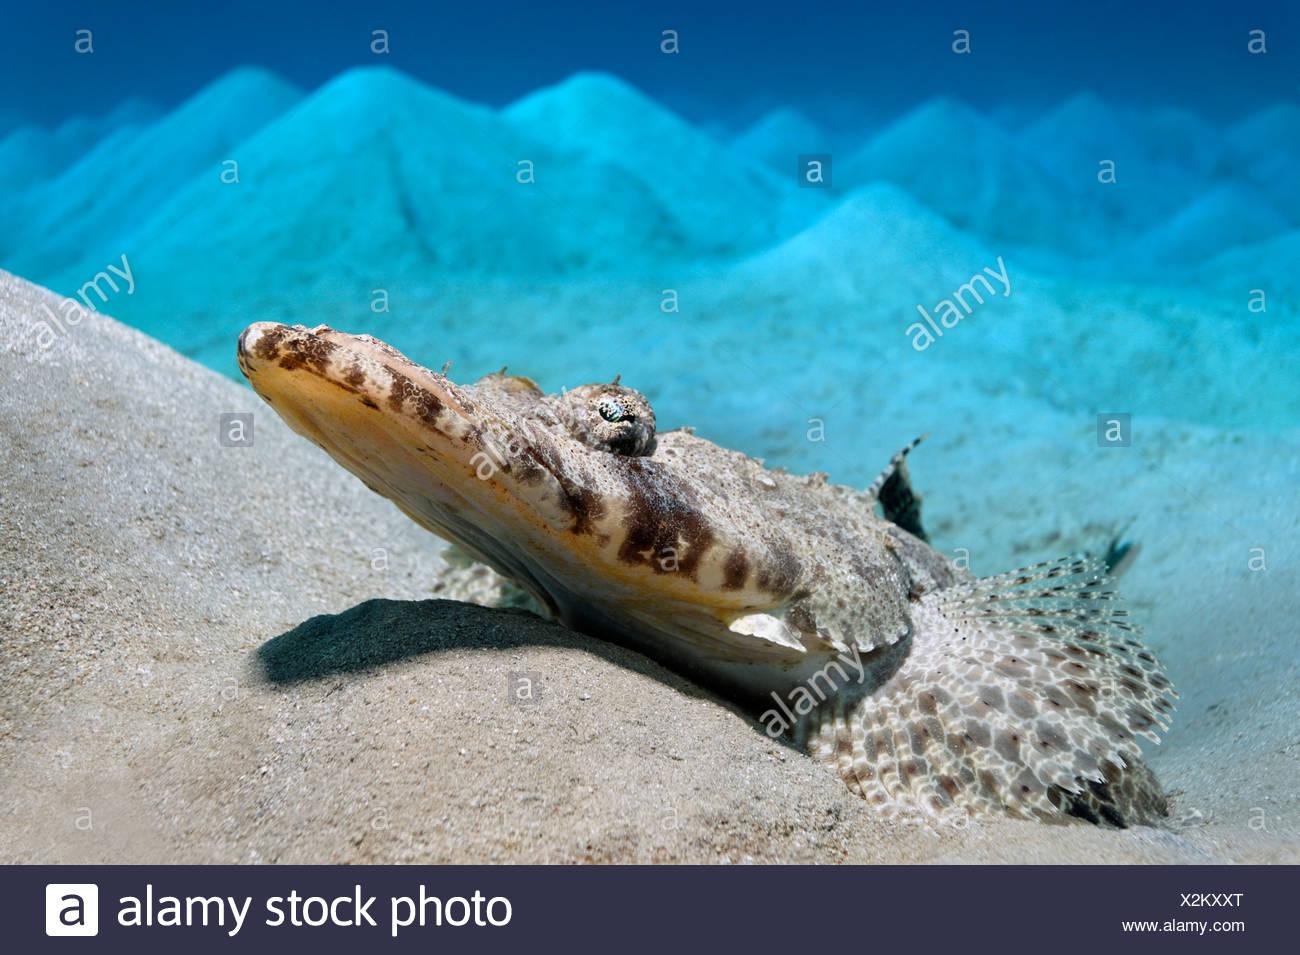 Tappeto testa piana (Papilloculiceps longiceps) giacente su una zona collinare dal fondale sabbioso, Makadi Bay, Hurghada, Egitto, Mare Rosso, Africa Immagini Stock